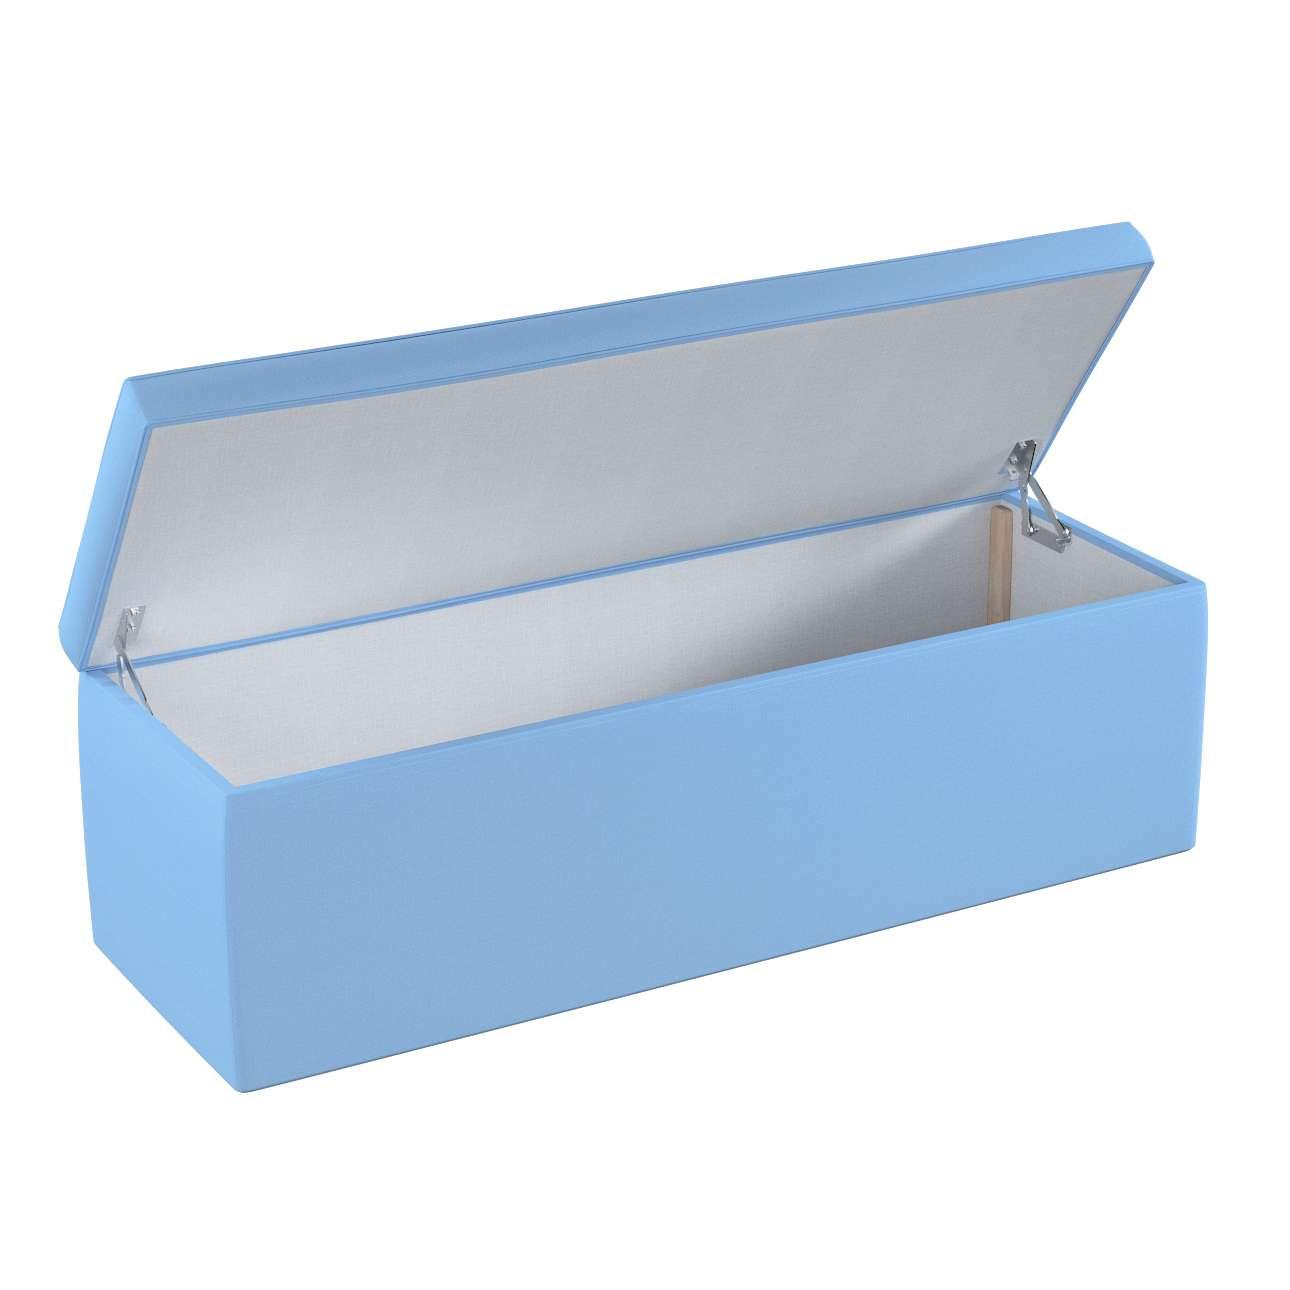 Čalouněná skříň v kolekci Loneta, látka: 133-21